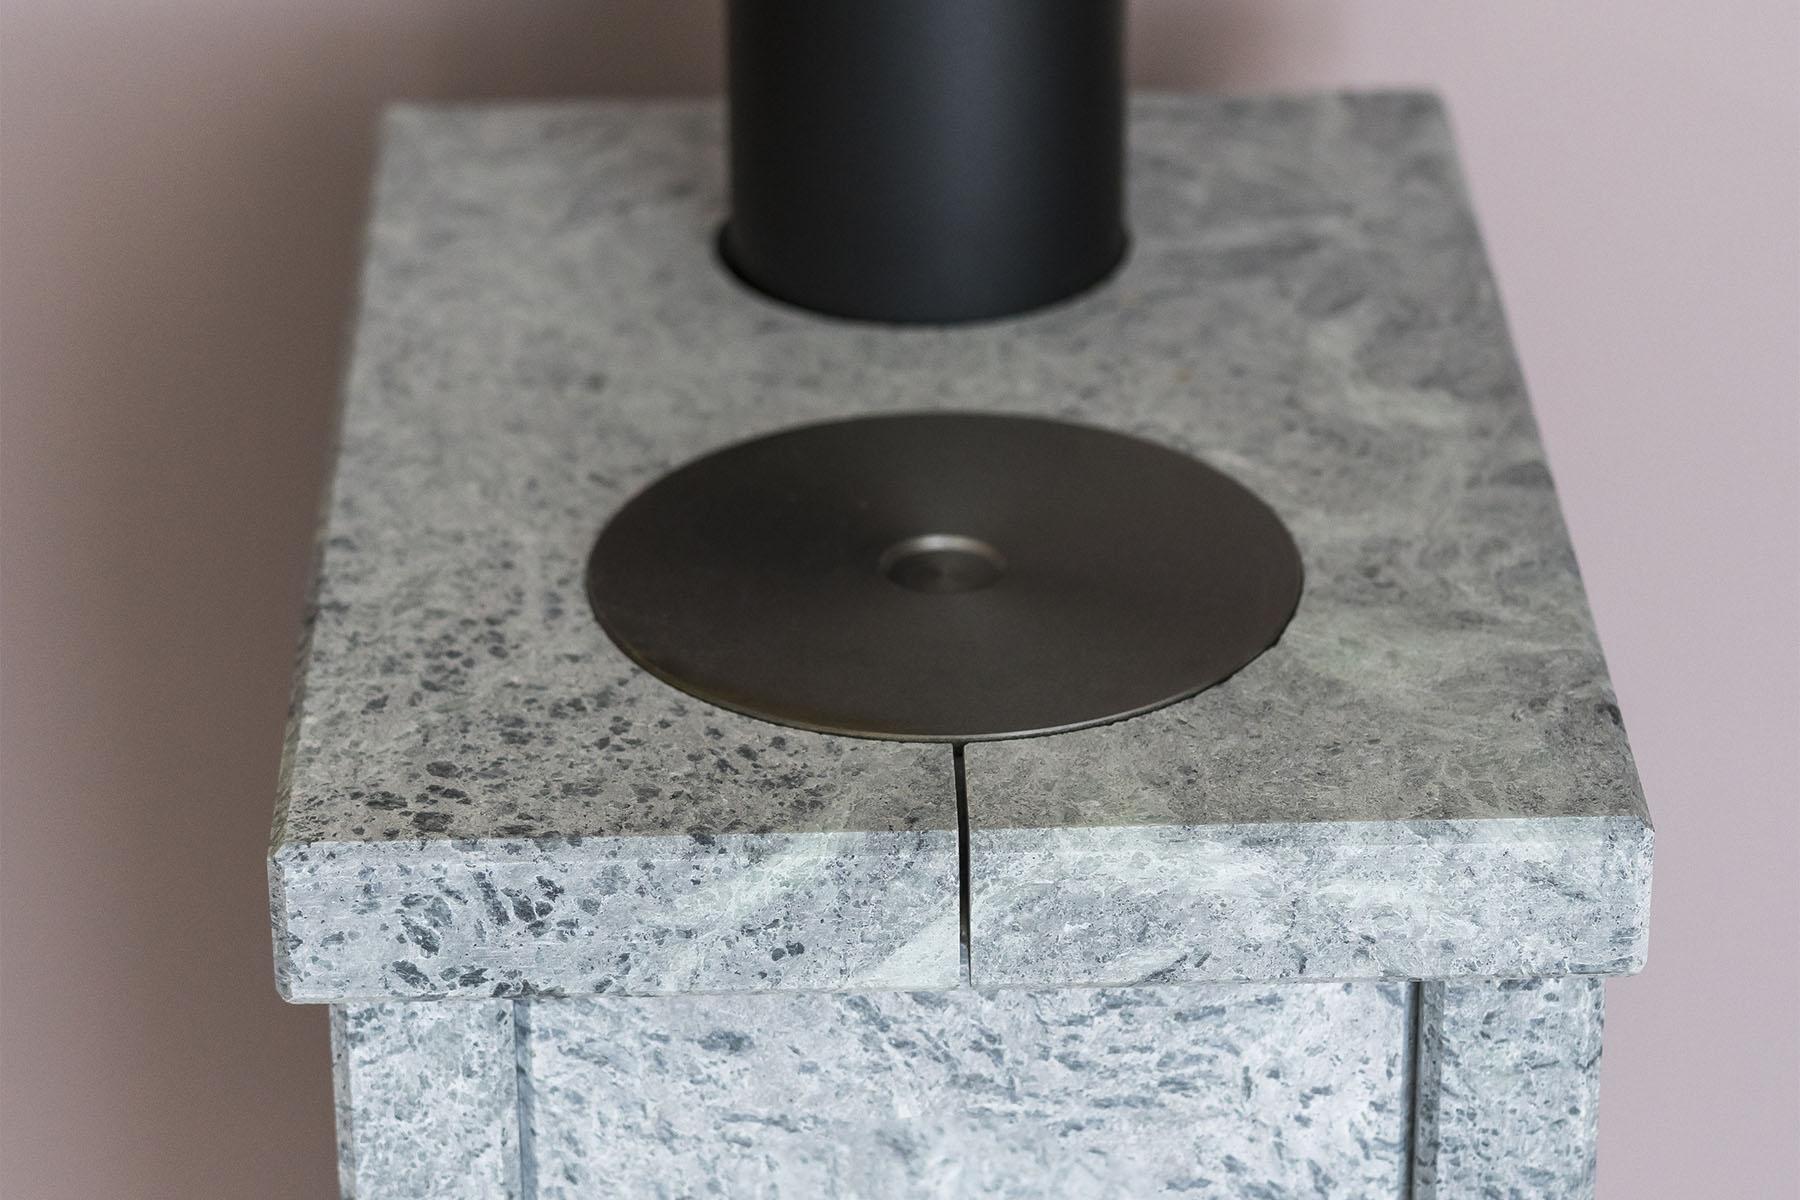 Koketoppen fungerer utmerket til å koke vann, med mer. Koketopp kan kun leveres på en Tove 2.